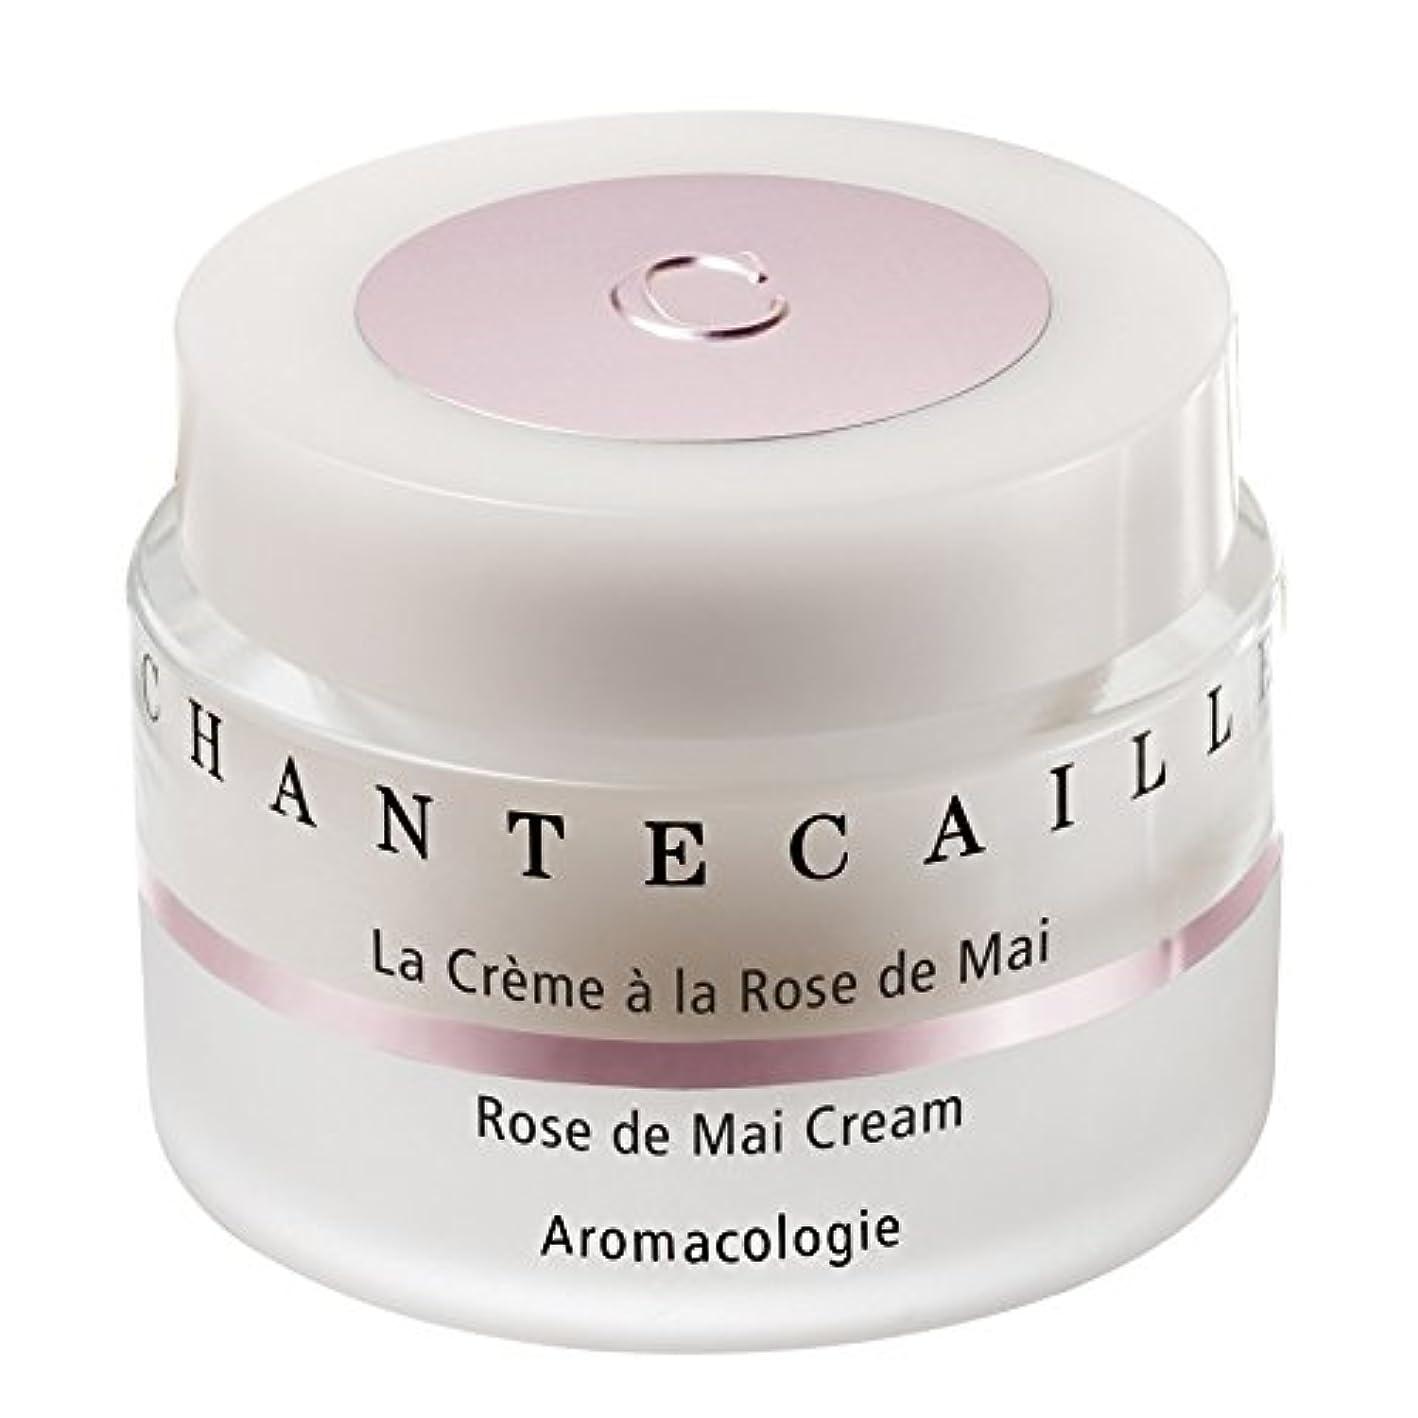 夜明けに特別にそれらChantecaille La Creme a la Rose de Mai Moisturiser 50ml (Pack of 6) - シャンテカイユラクリームア?ラ?ローズ?ド?舞保湿50ミリリットル x6 [並行輸入品]